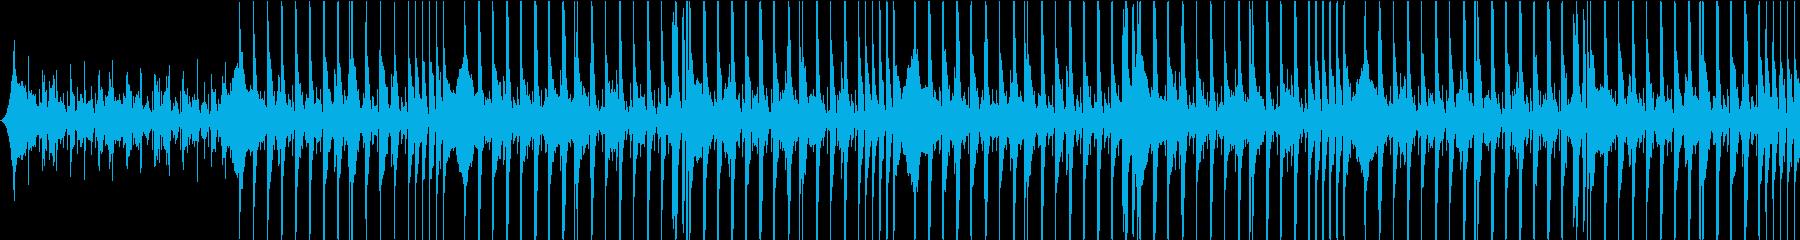 クールで最先端感溢れるBGMの再生済みの波形